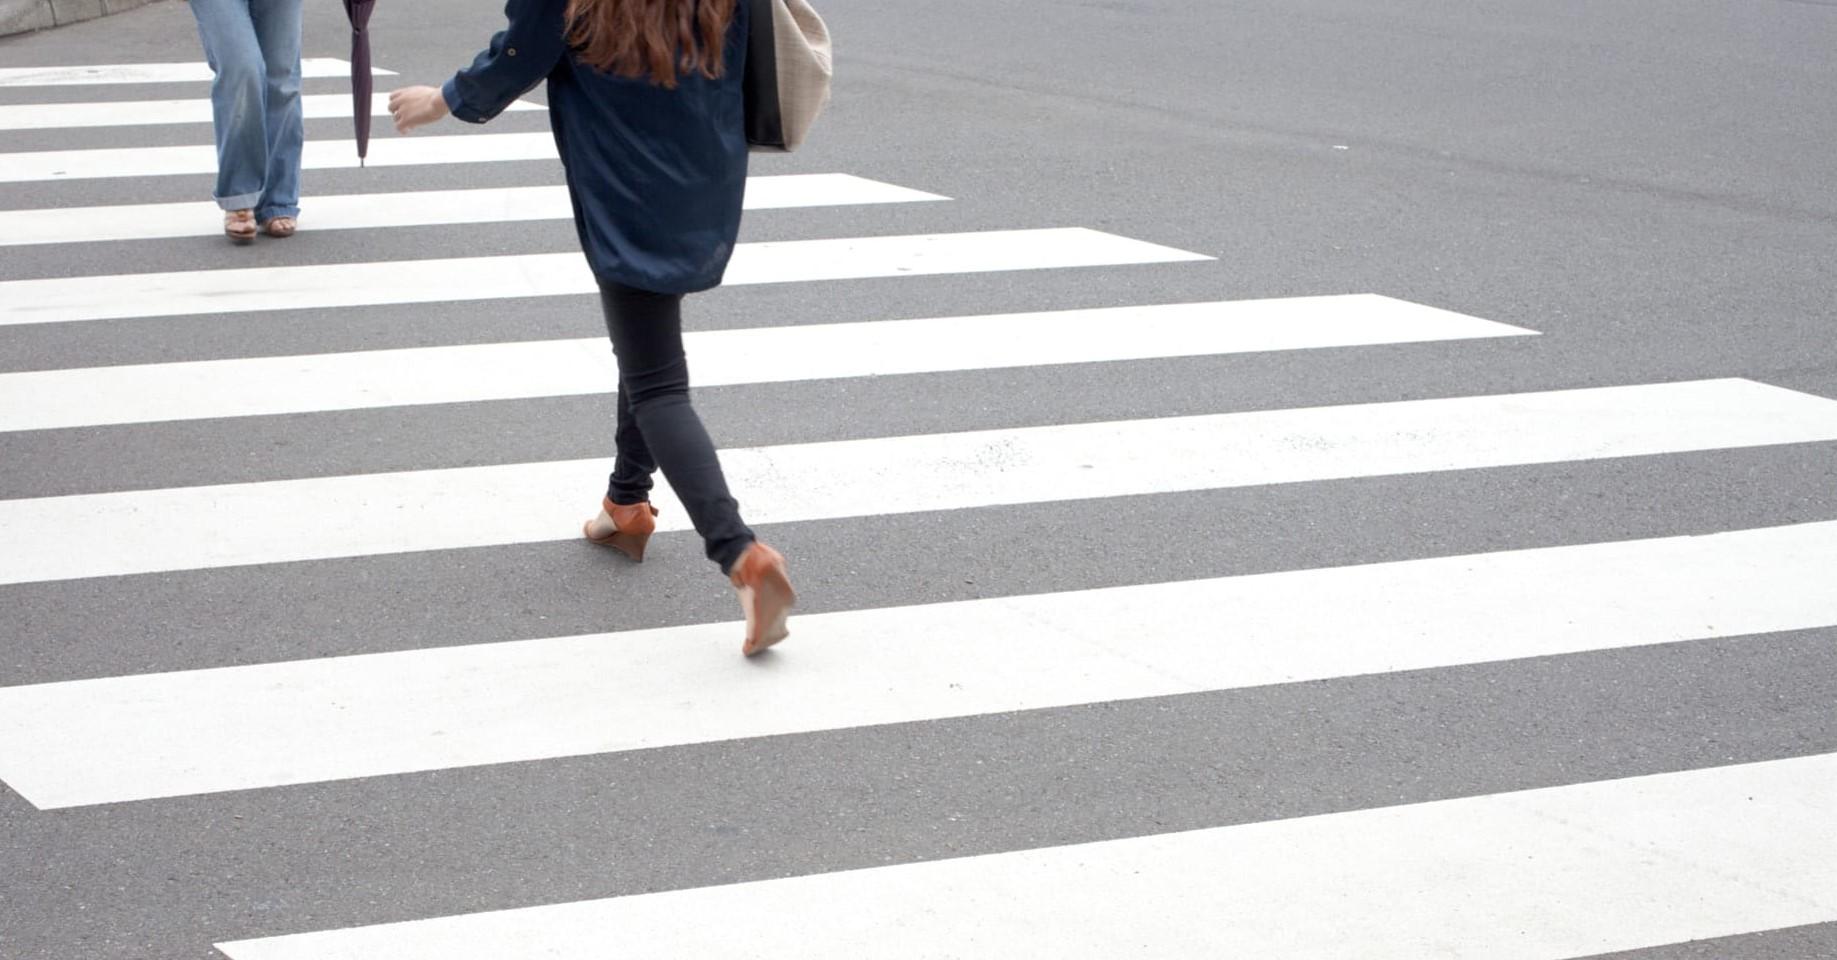 Россияне предлагают ввести административную ответственность для пешеходов, по вине которых произошли ДТП